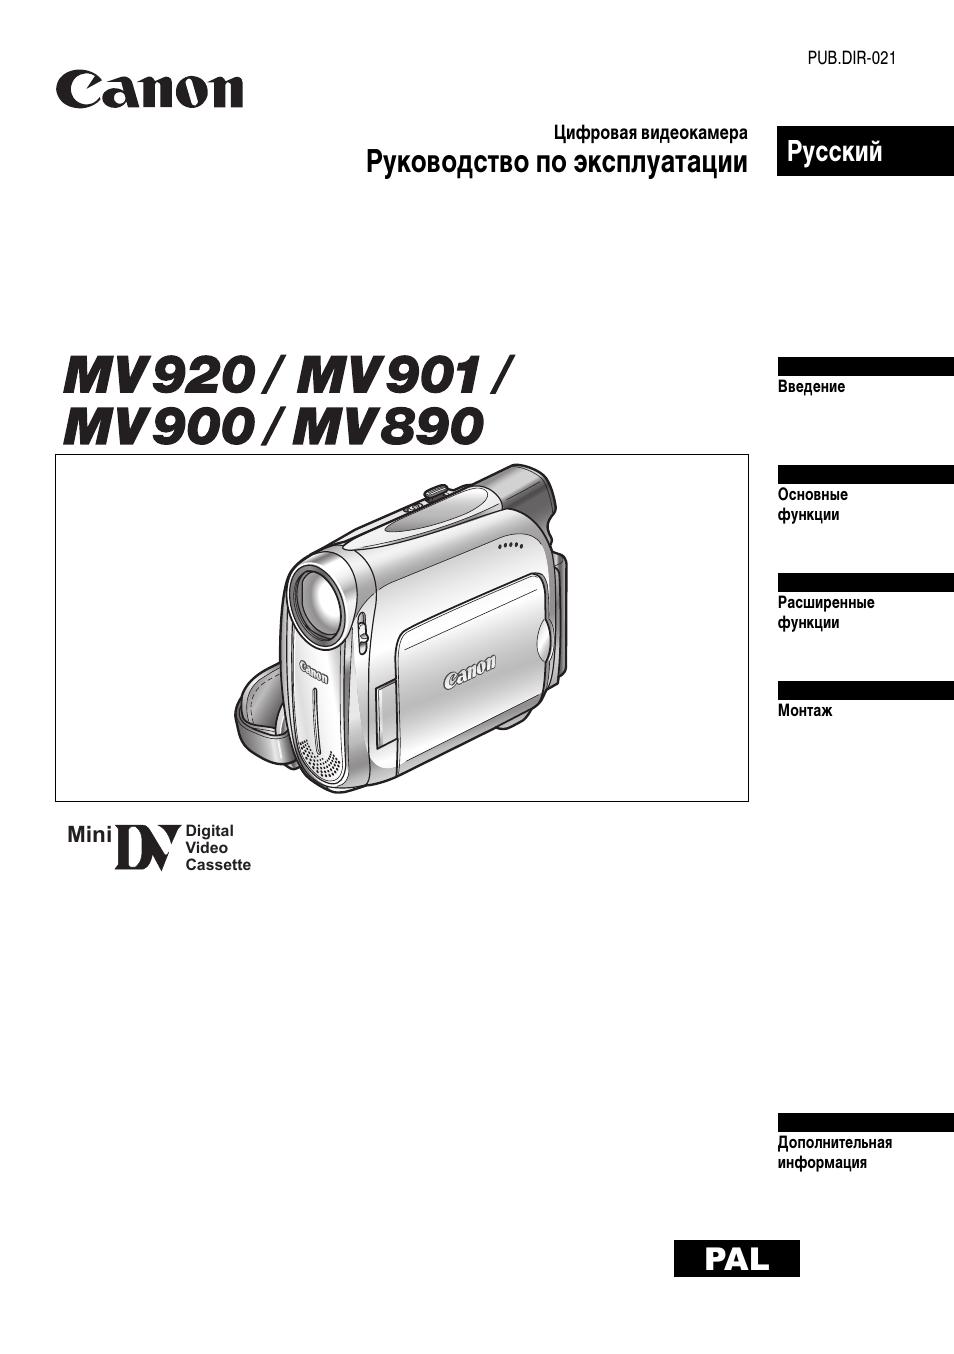 Canon ds126171 инструкция по пользованию